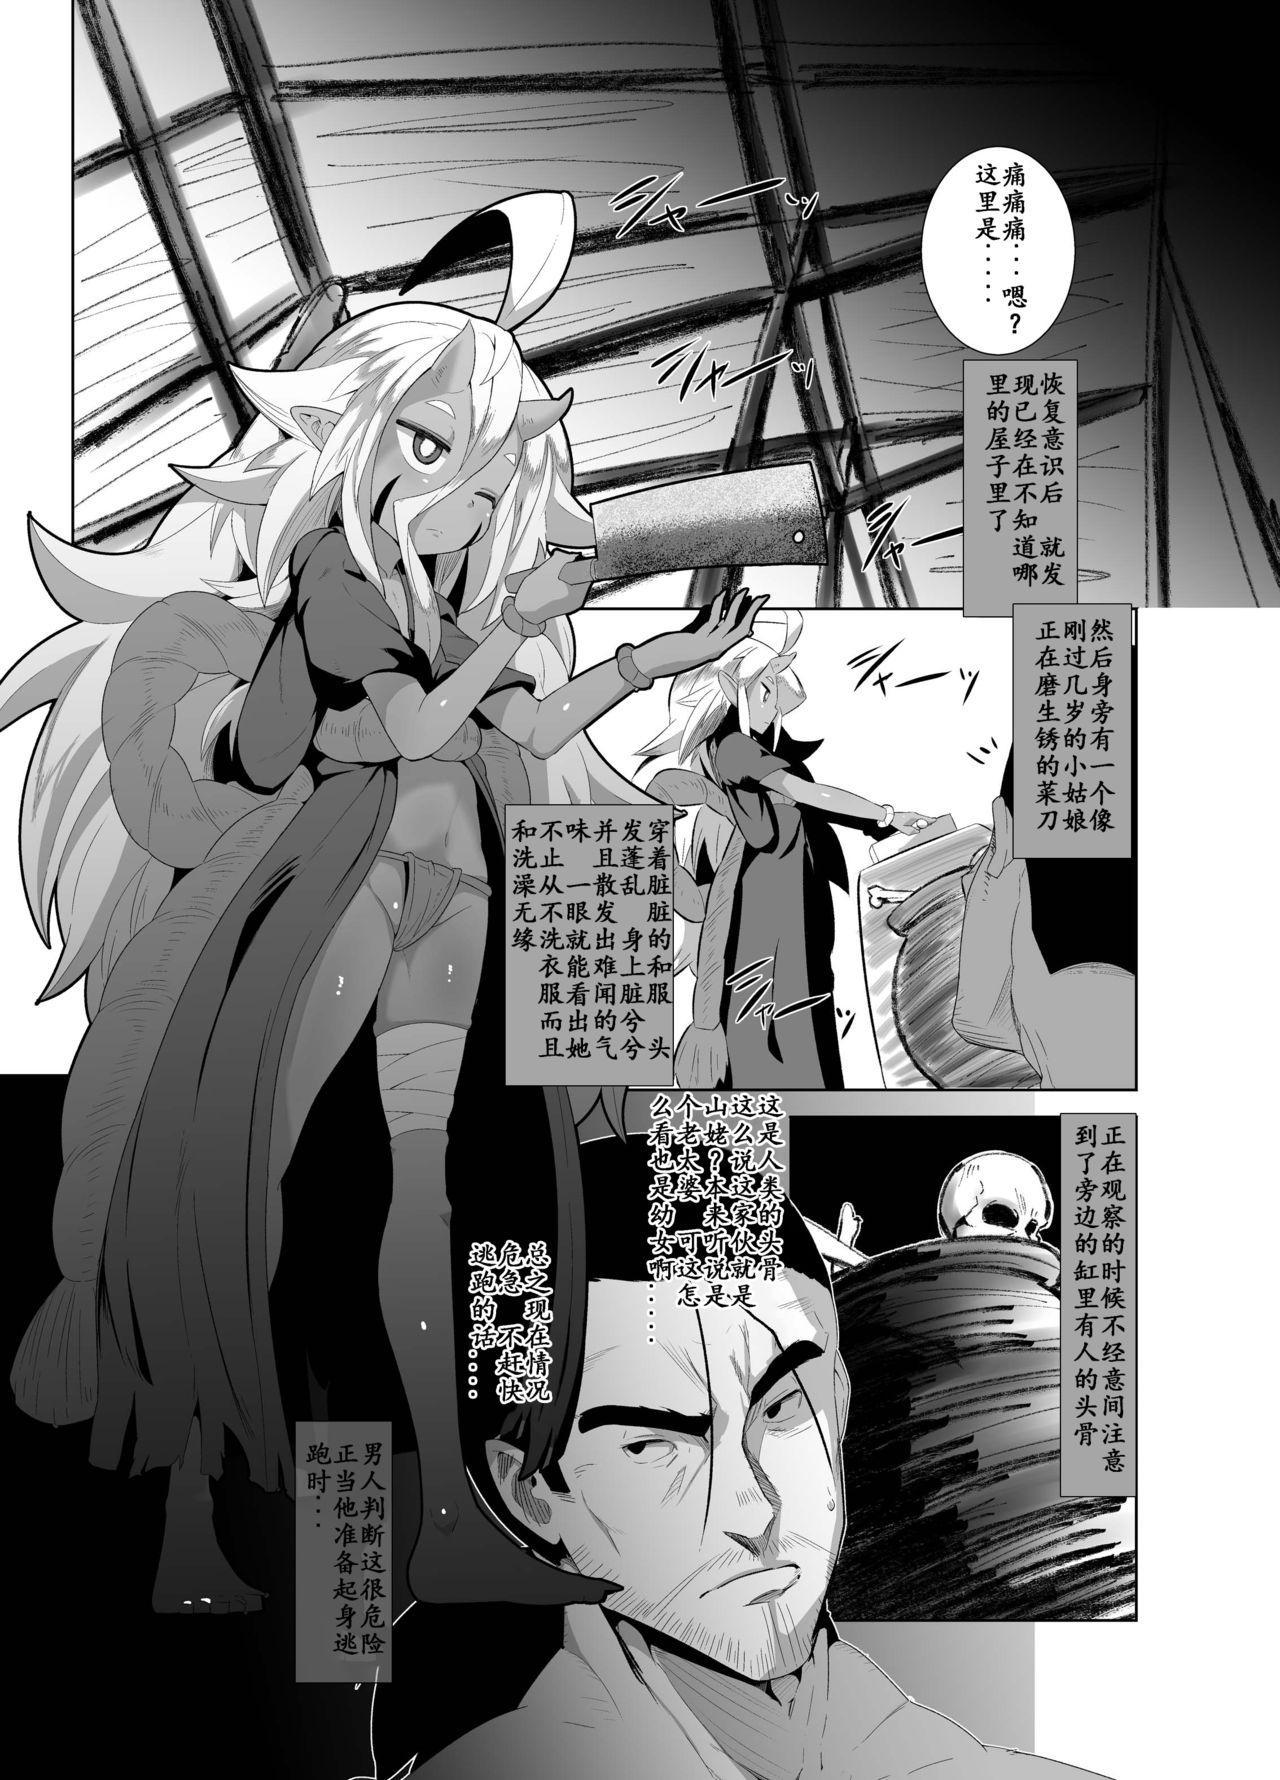 Eromanga Nihon Mukashibanashi 6